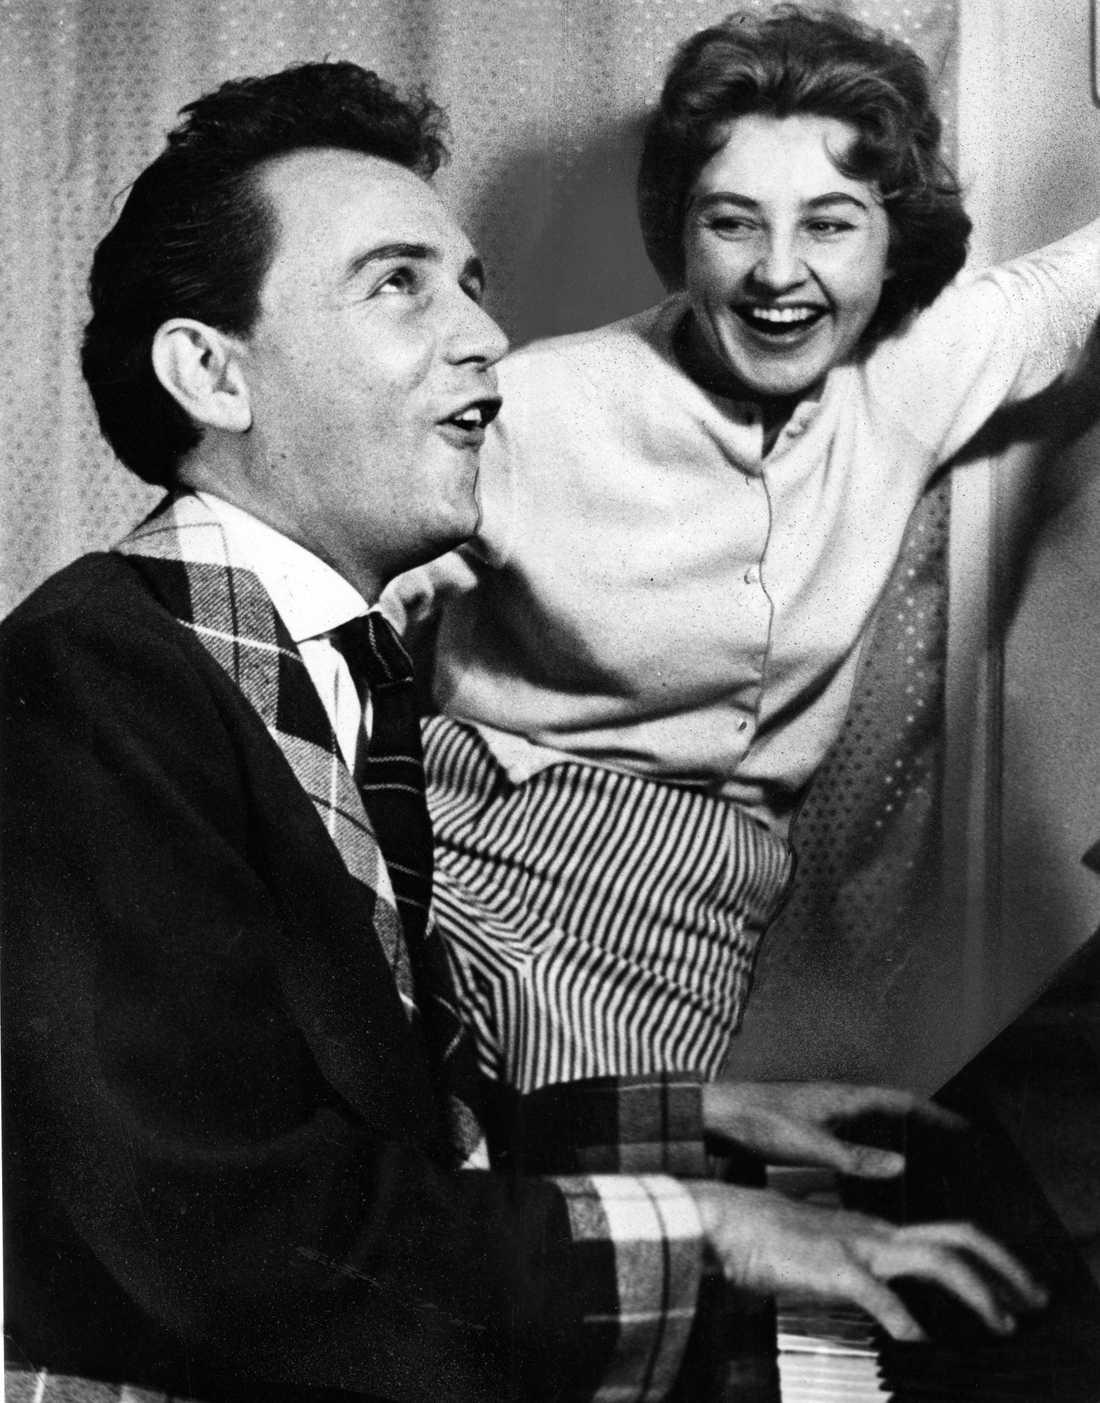 1957. Arne Weise, journalist, programledare Sverige i en duett med Else-Marie Sundin.